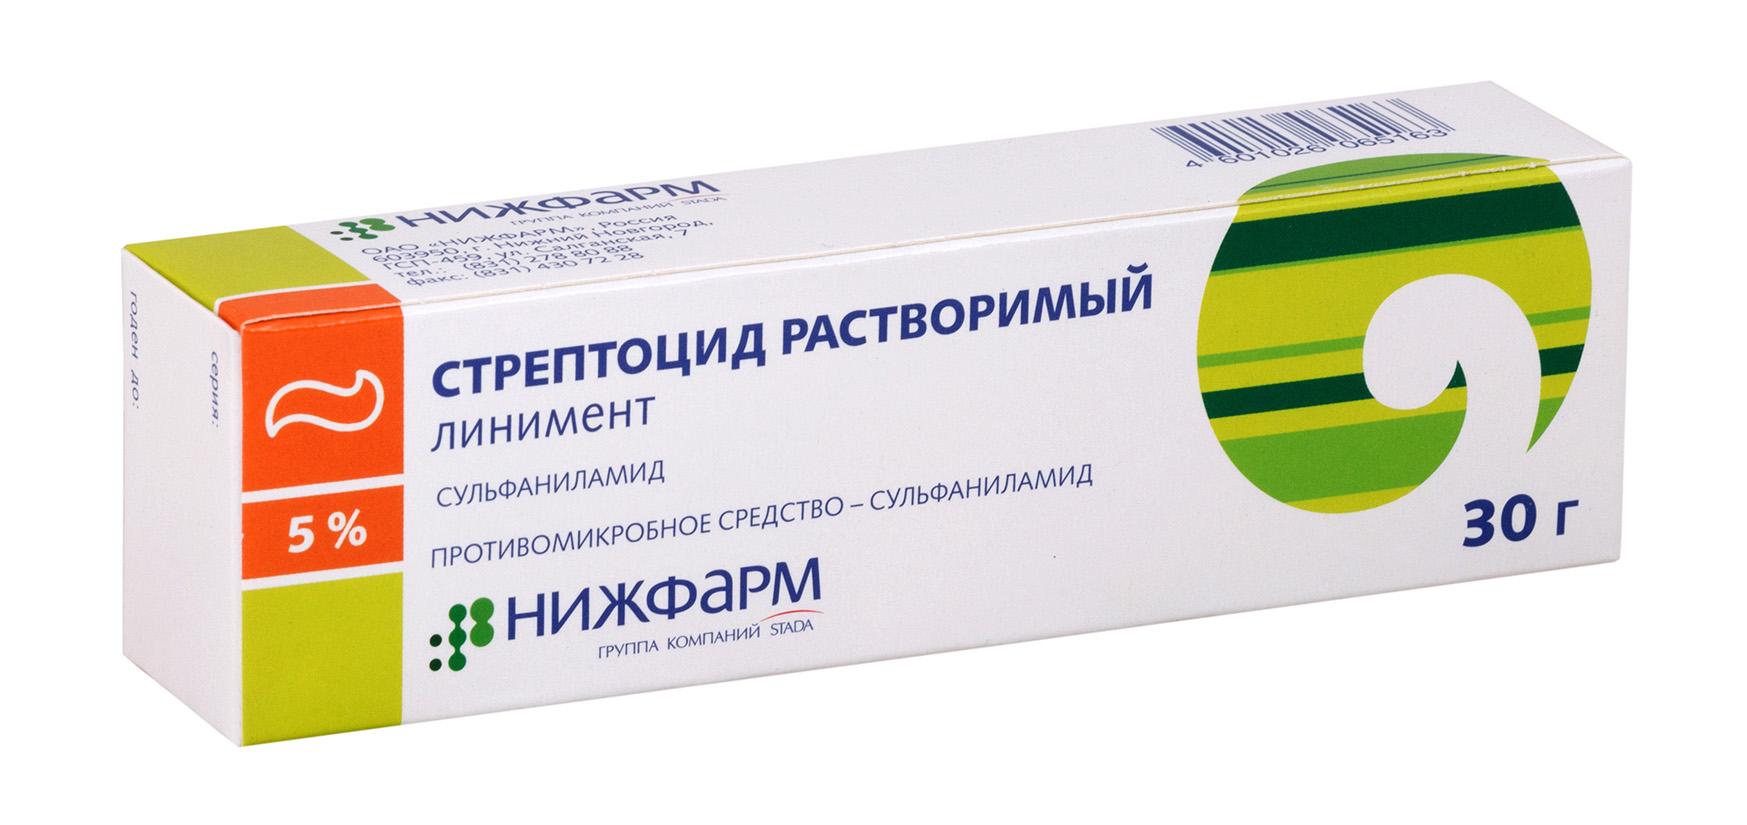 Стрептоцид (streptocide) таблетки - инструкция по применению